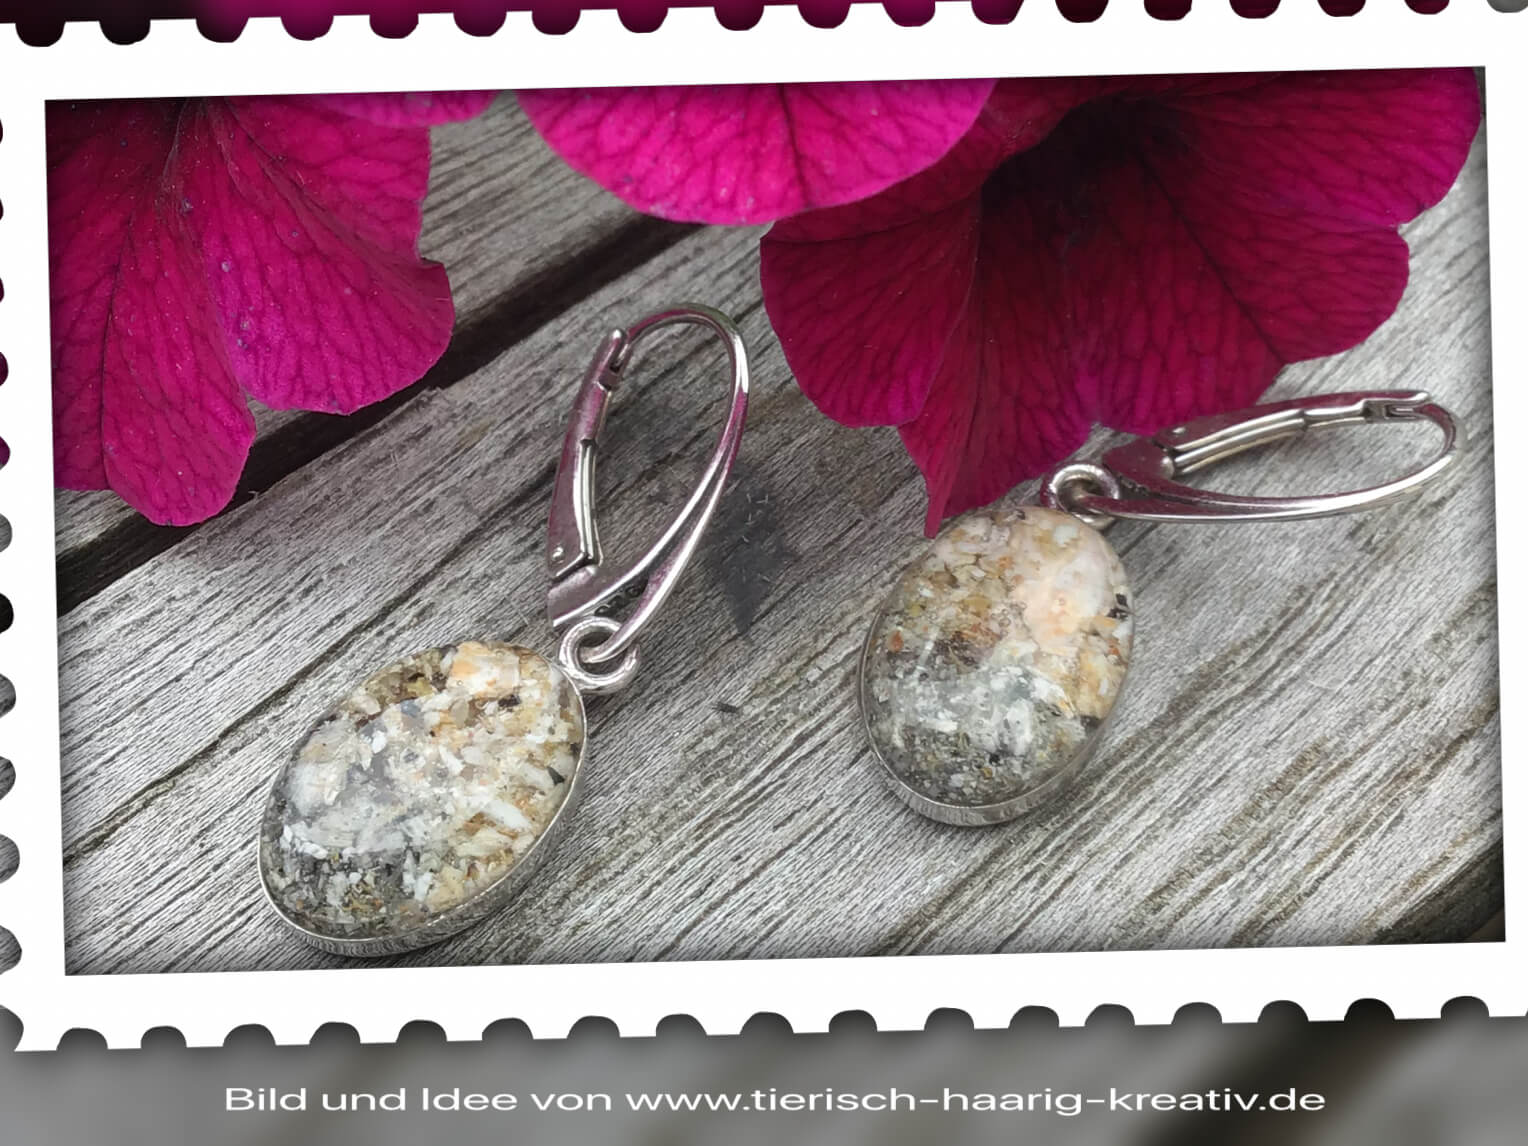 Ohrhängern 925 Silber Engel ca 4 cm in Edelstahl * 33,50 Alle angegebenen Preise sind Gesamtpreise (ggf. zzgl. Versandkosten).